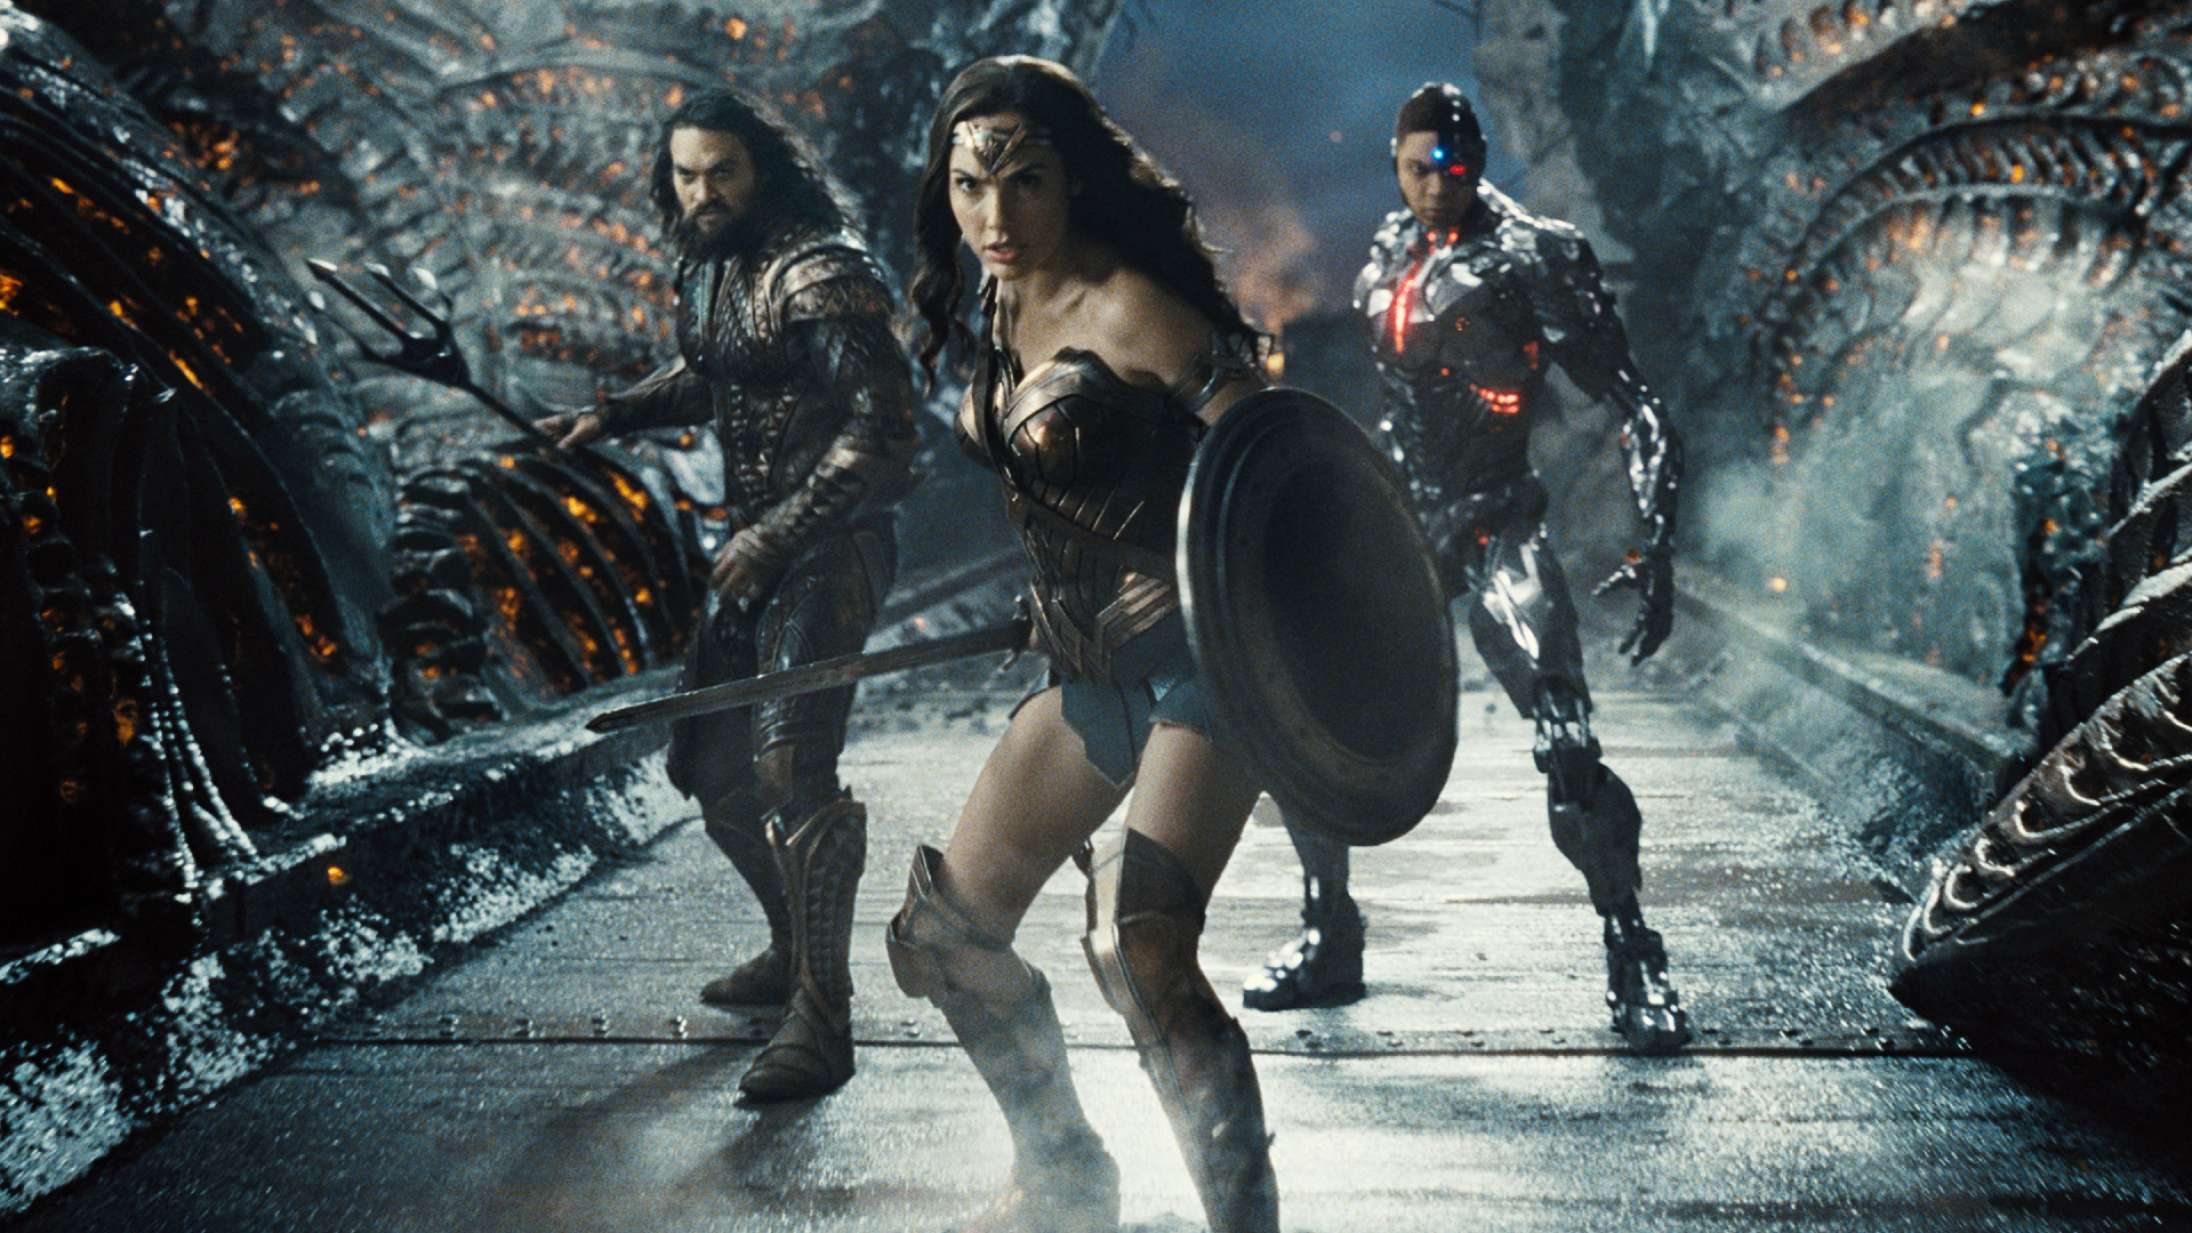 Fra hashtag til virkelighed: Den utrolige historie bag 'Zack Snyder's Justice League'